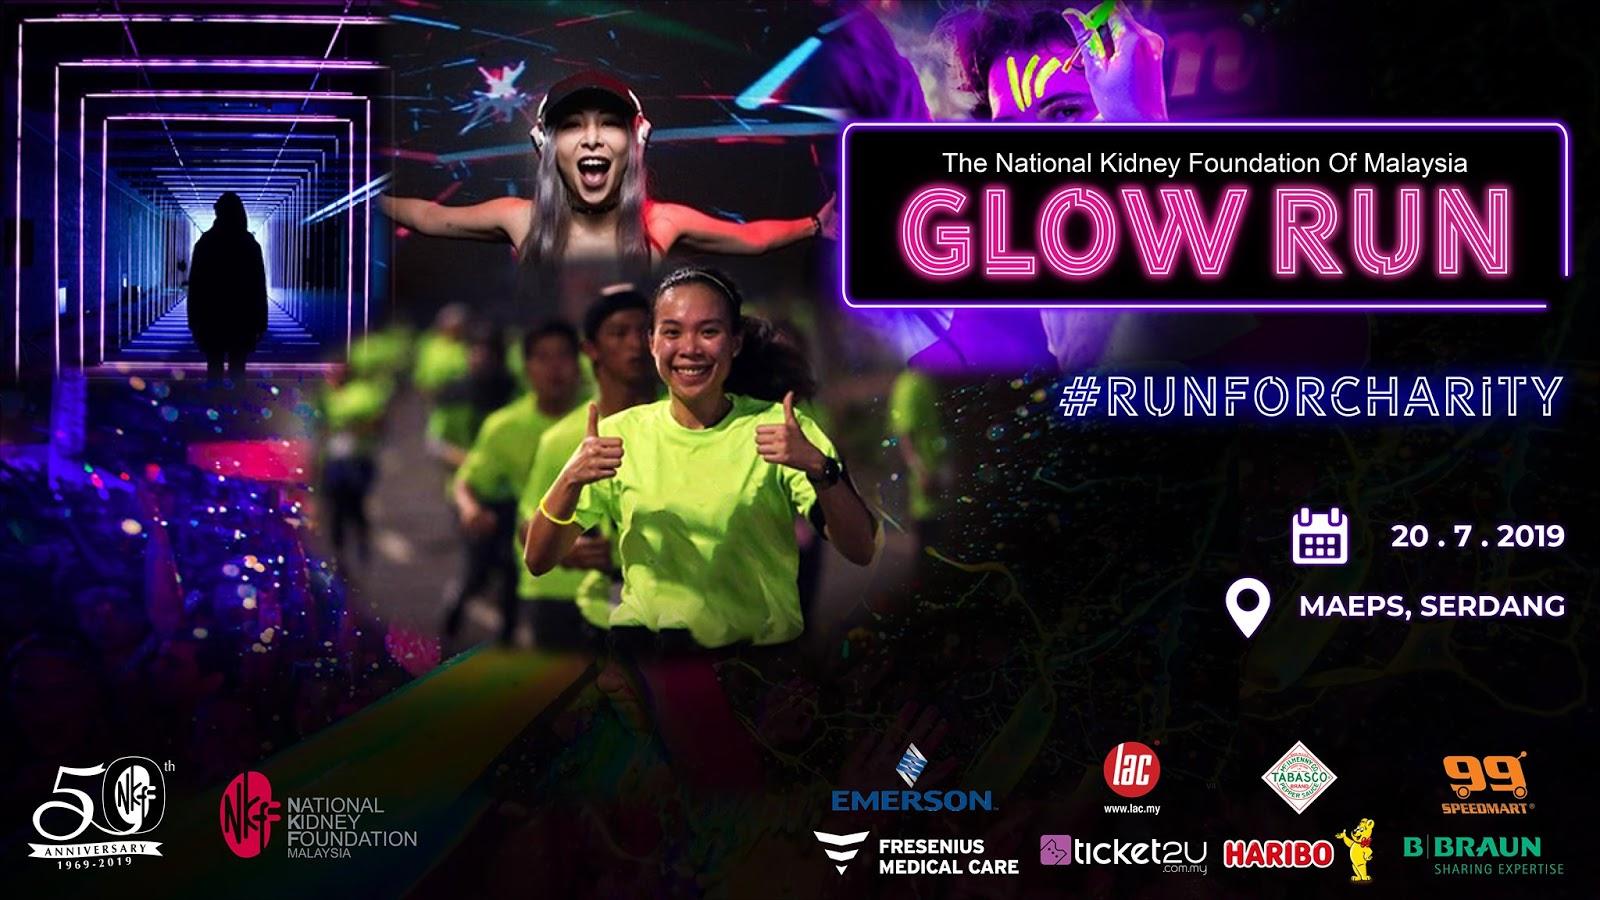 NKF GLOW RUN Happen 20th July 2019 - Betty's Journey